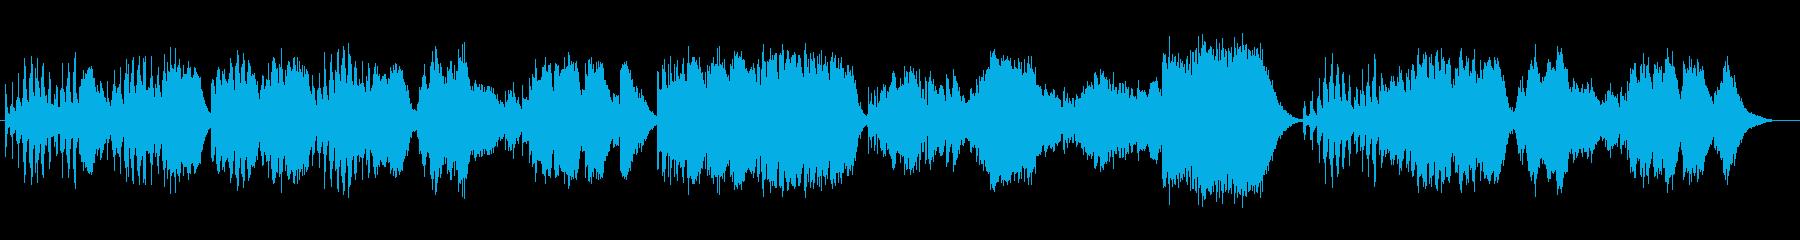 シンセのオーケストラが奏でる組曲の再生済みの波形